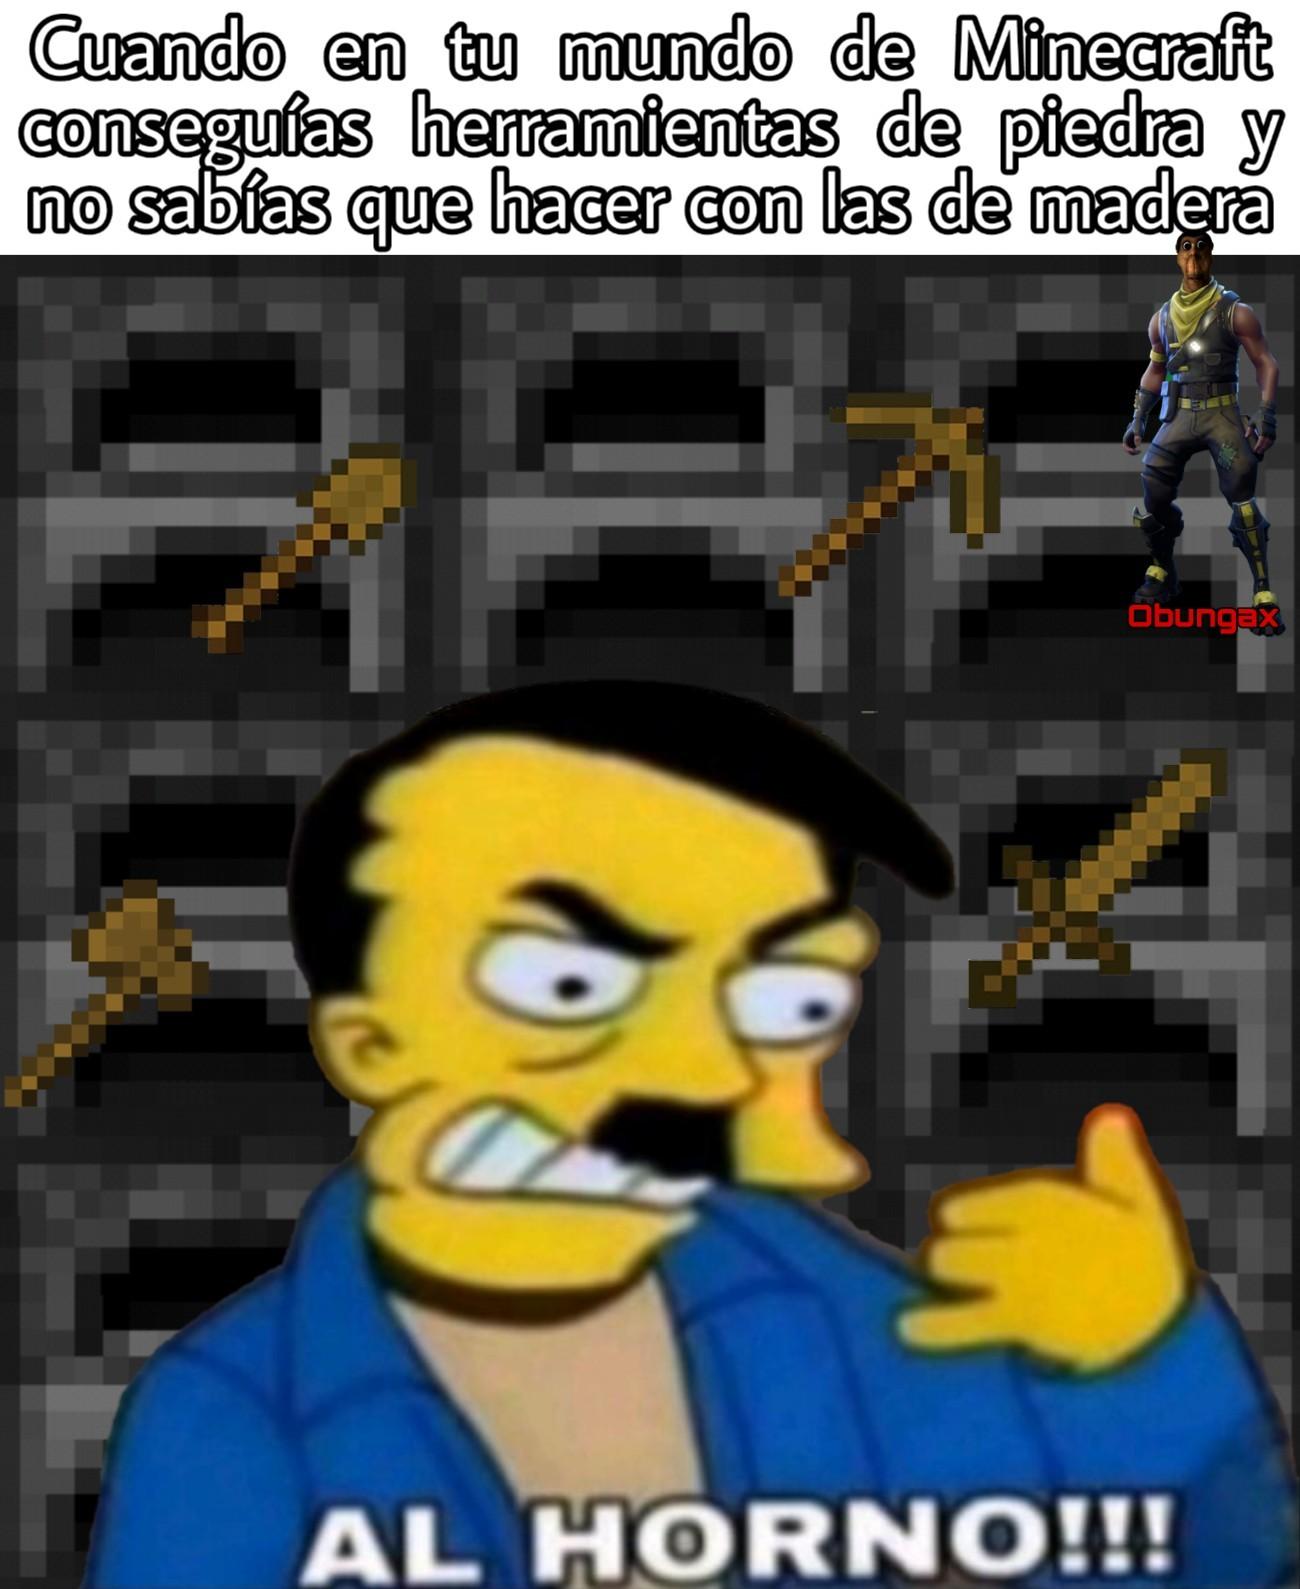 Más memes de Minecraft